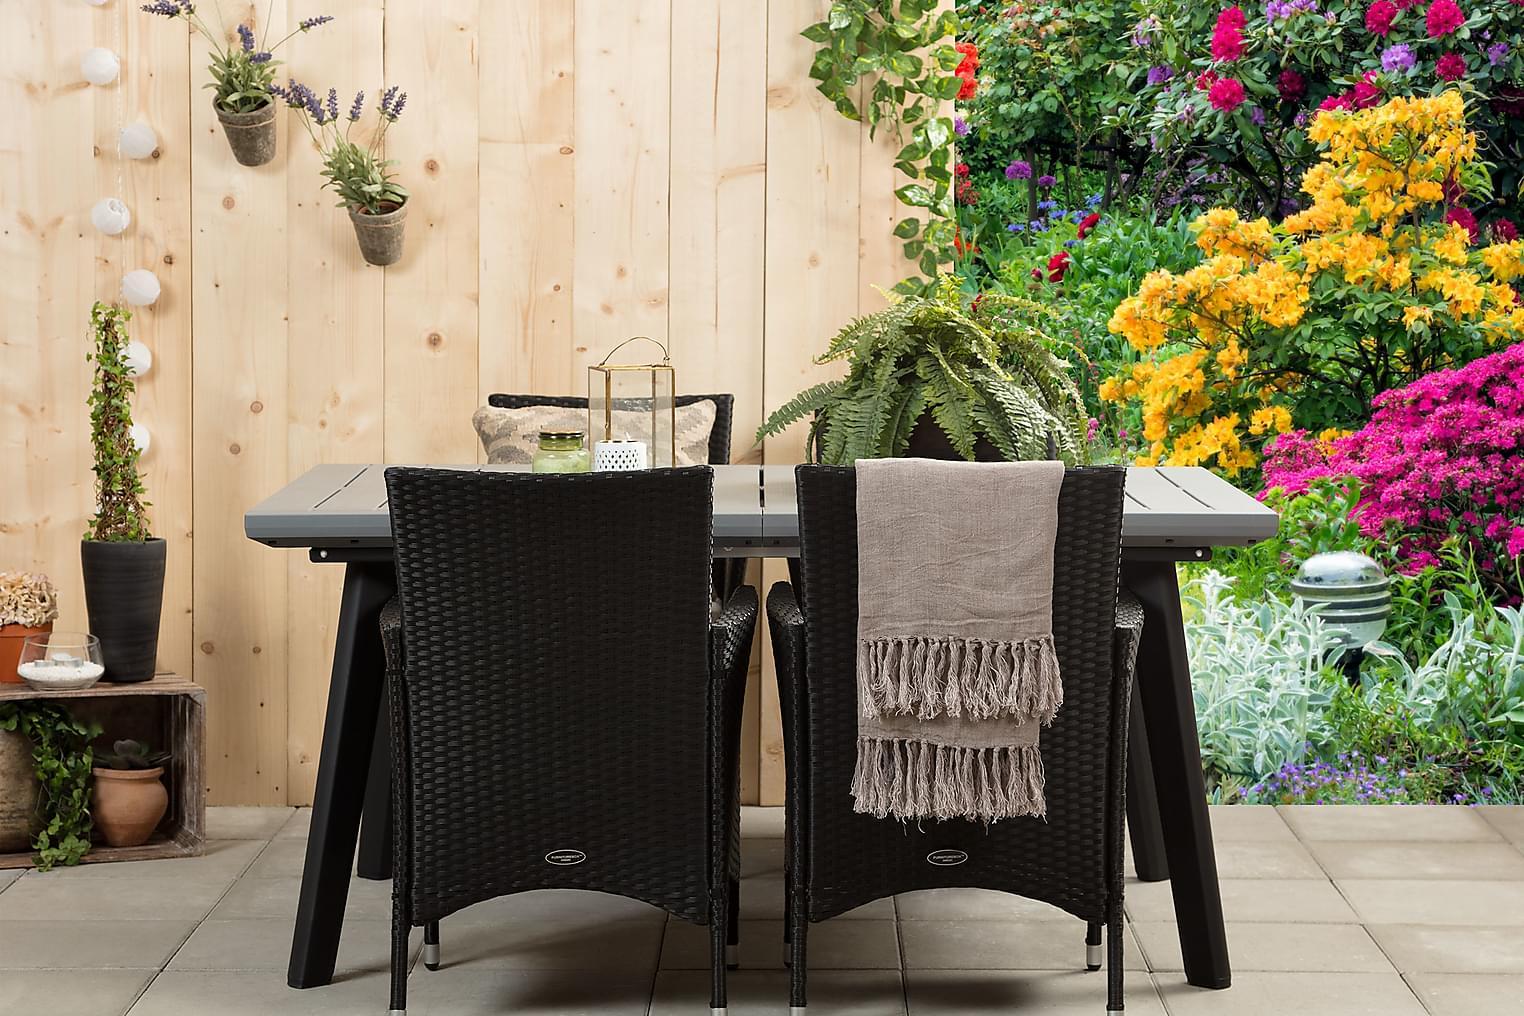 BILBAO 162 Harmaa/Musta + 4 ARUBA Käsinojallista tuolia Must